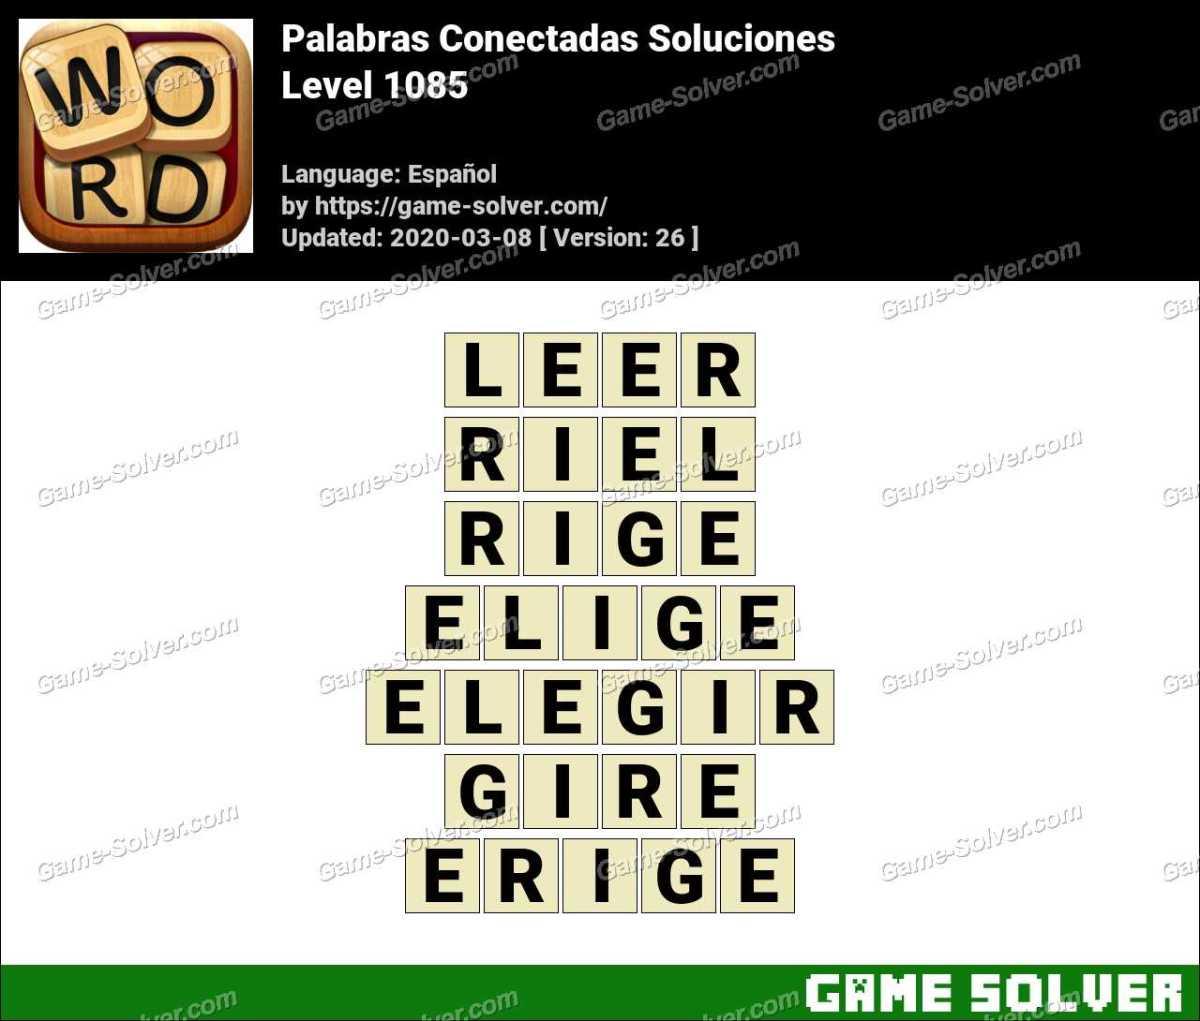 Palabras Conectadas Nivel 1085 Soluciones